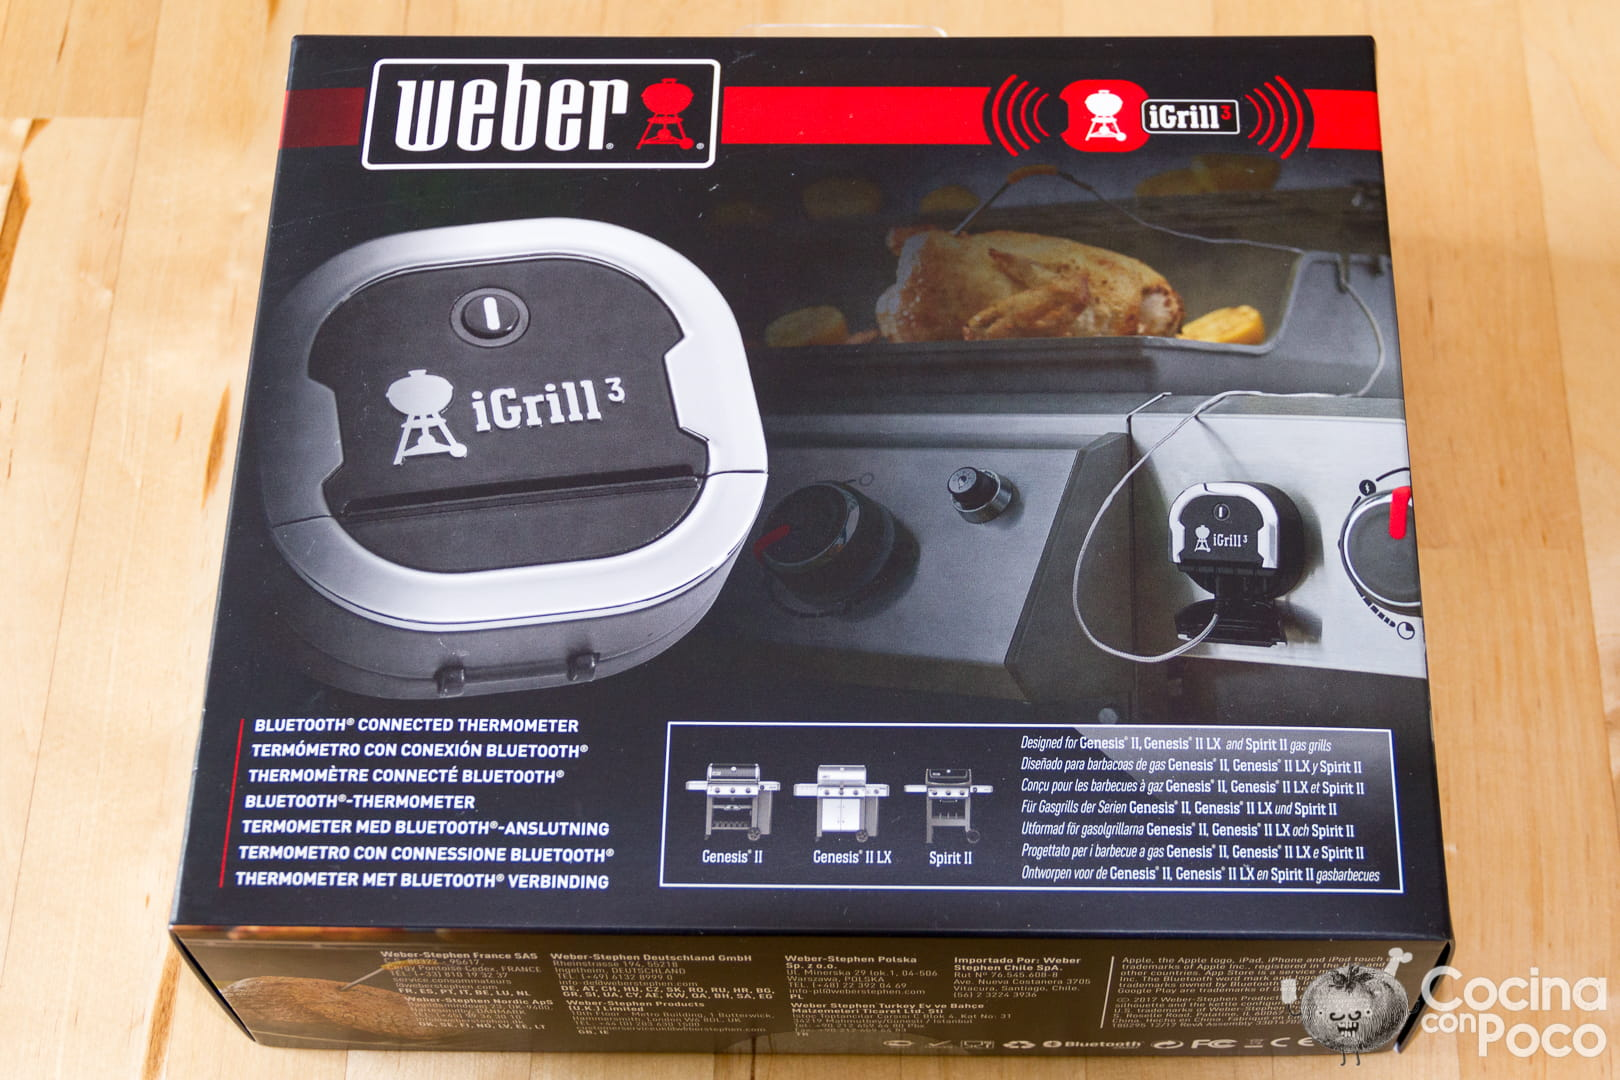 Weber iGrill 3 termómetro bluetooth para barbacoas tutorial de montaje instalación puesta en marcha emparejamiento con la app y uso con fotos paso a paso